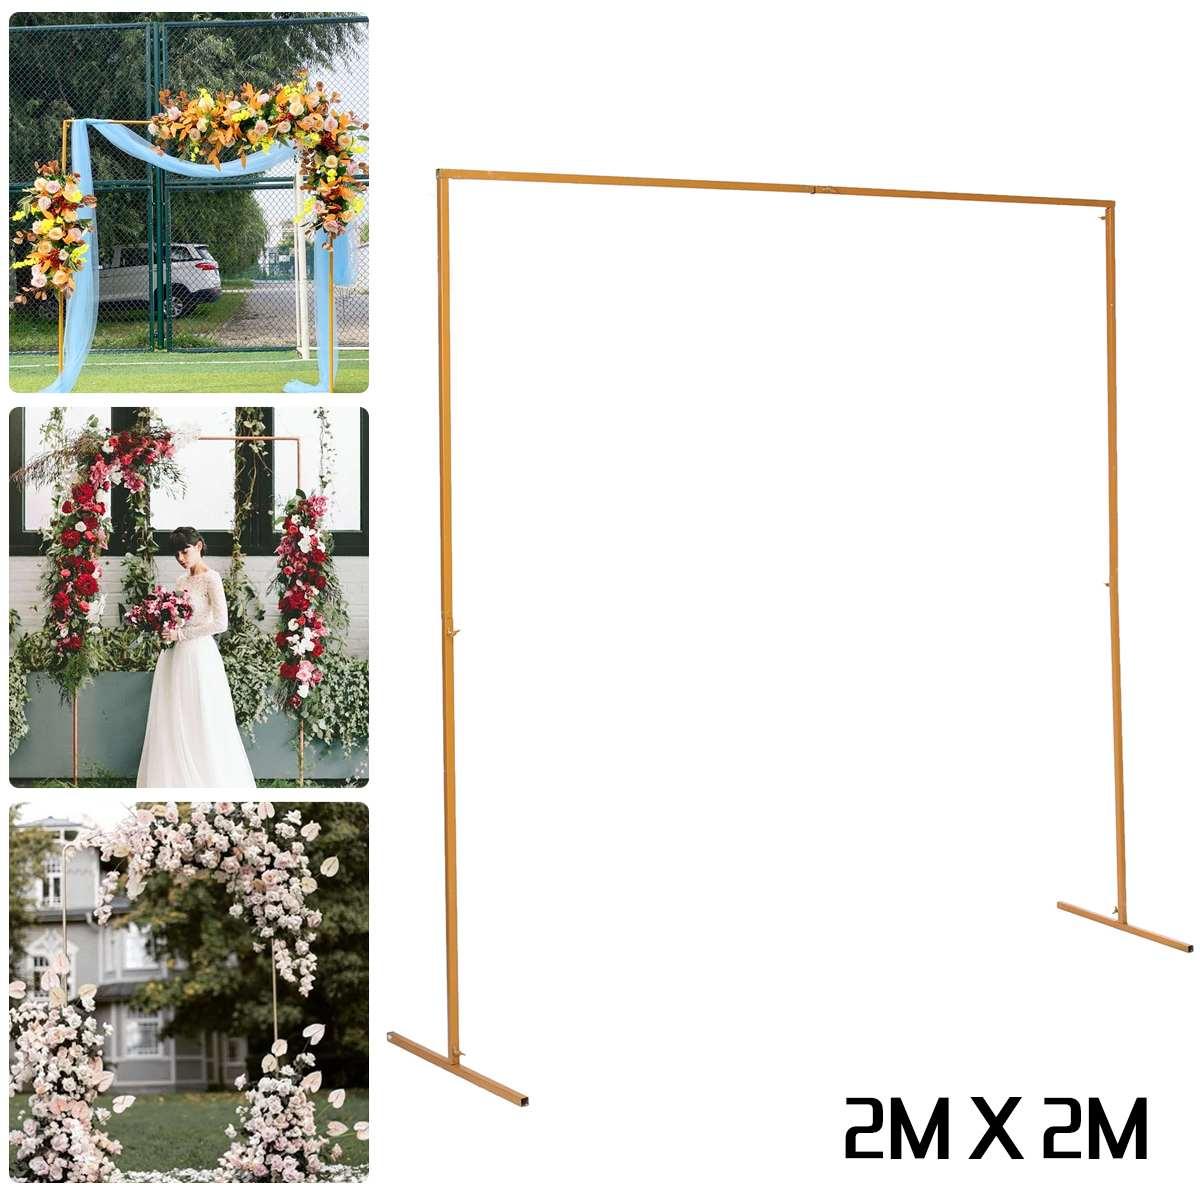 2 متر × 2 متر مرحلة الزفاف إطار الخلفية الحديد المطاوع الزخرفية زهرة حامل مخصص الزفاف مربع قوس الجرف ديكور الزفاف